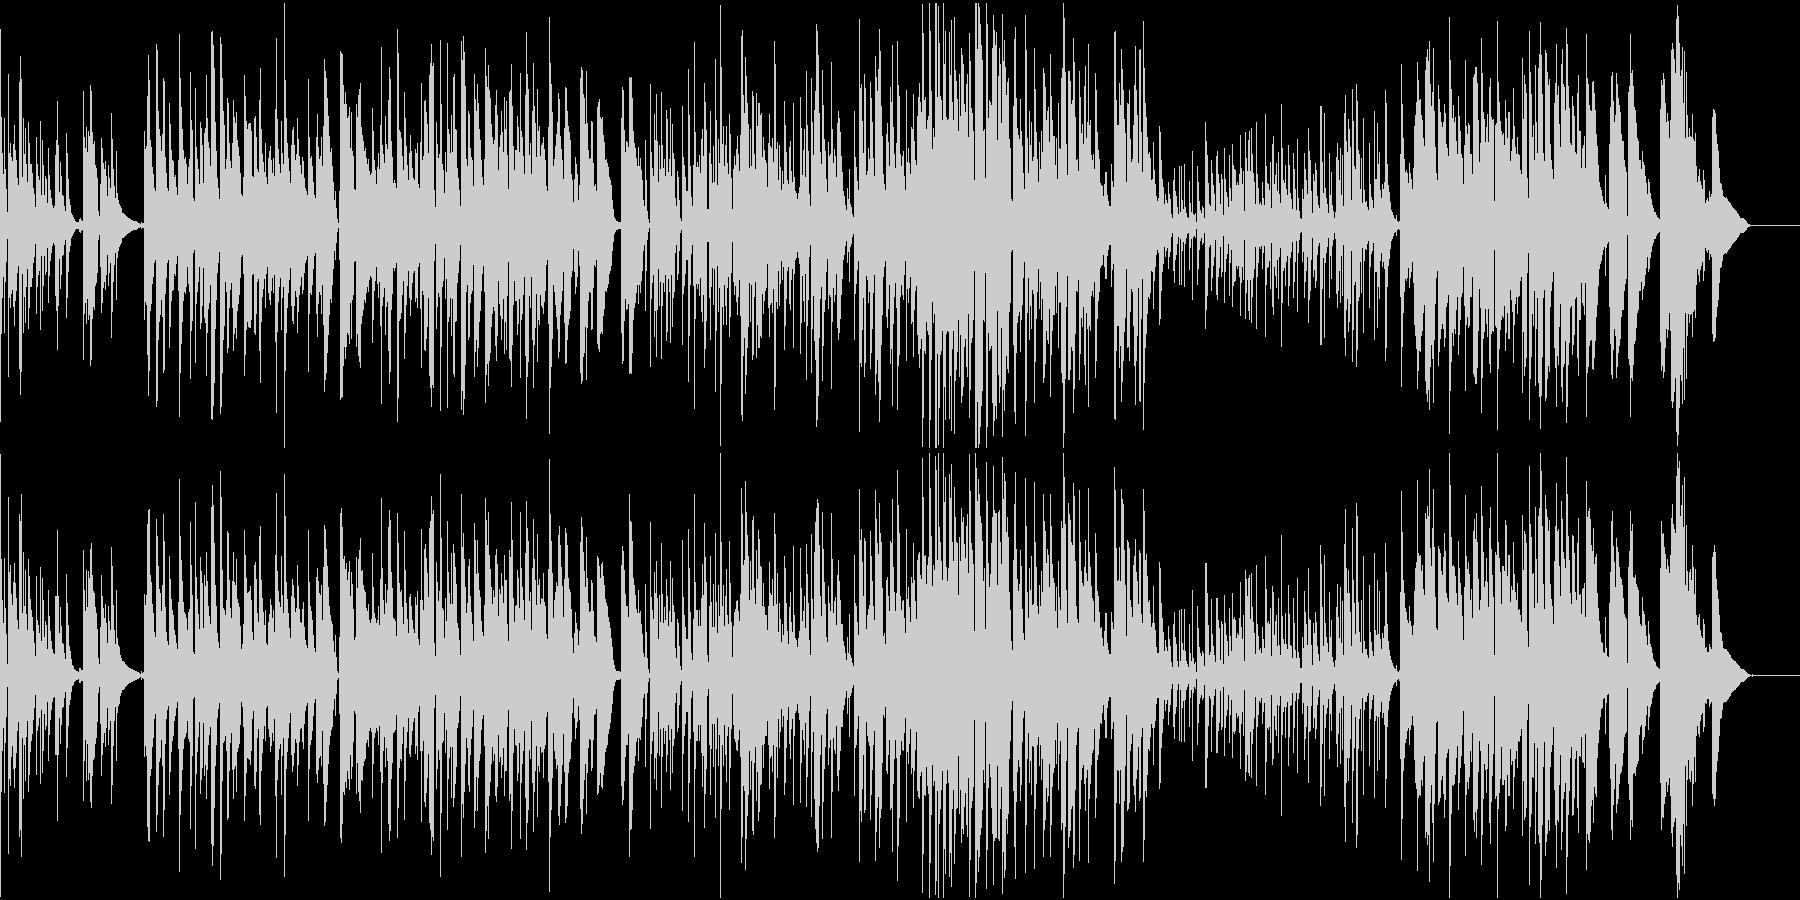 バリトンサックスとアコギのジャズワルツの未再生の波形